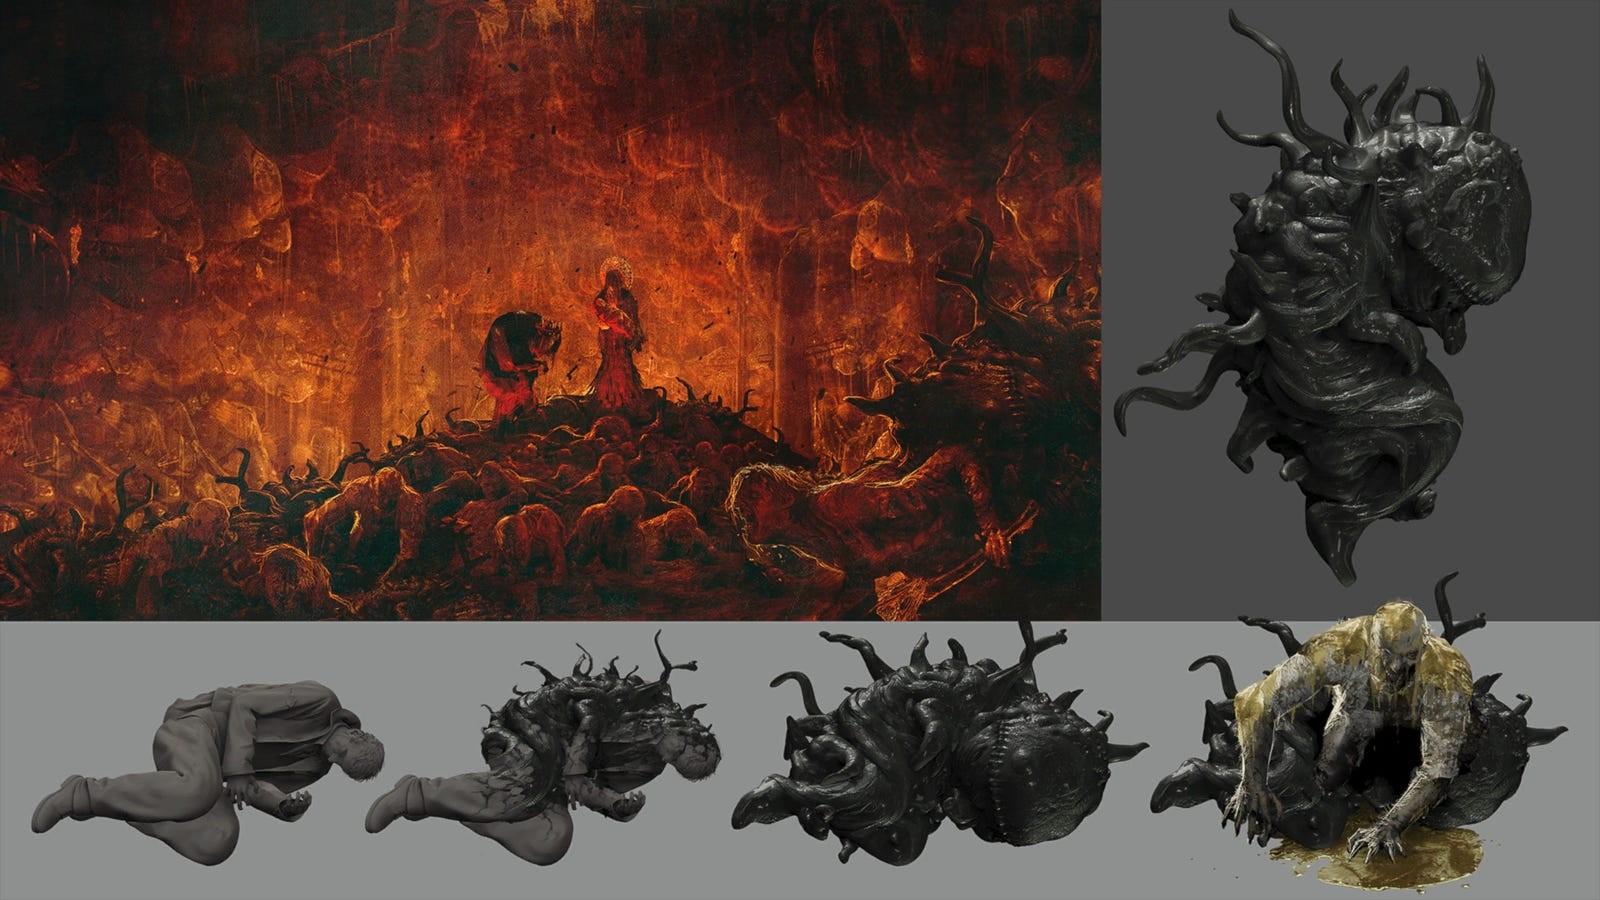 《生化危机8》概念设计图欣赏 吸血鬼母女好棒呀!